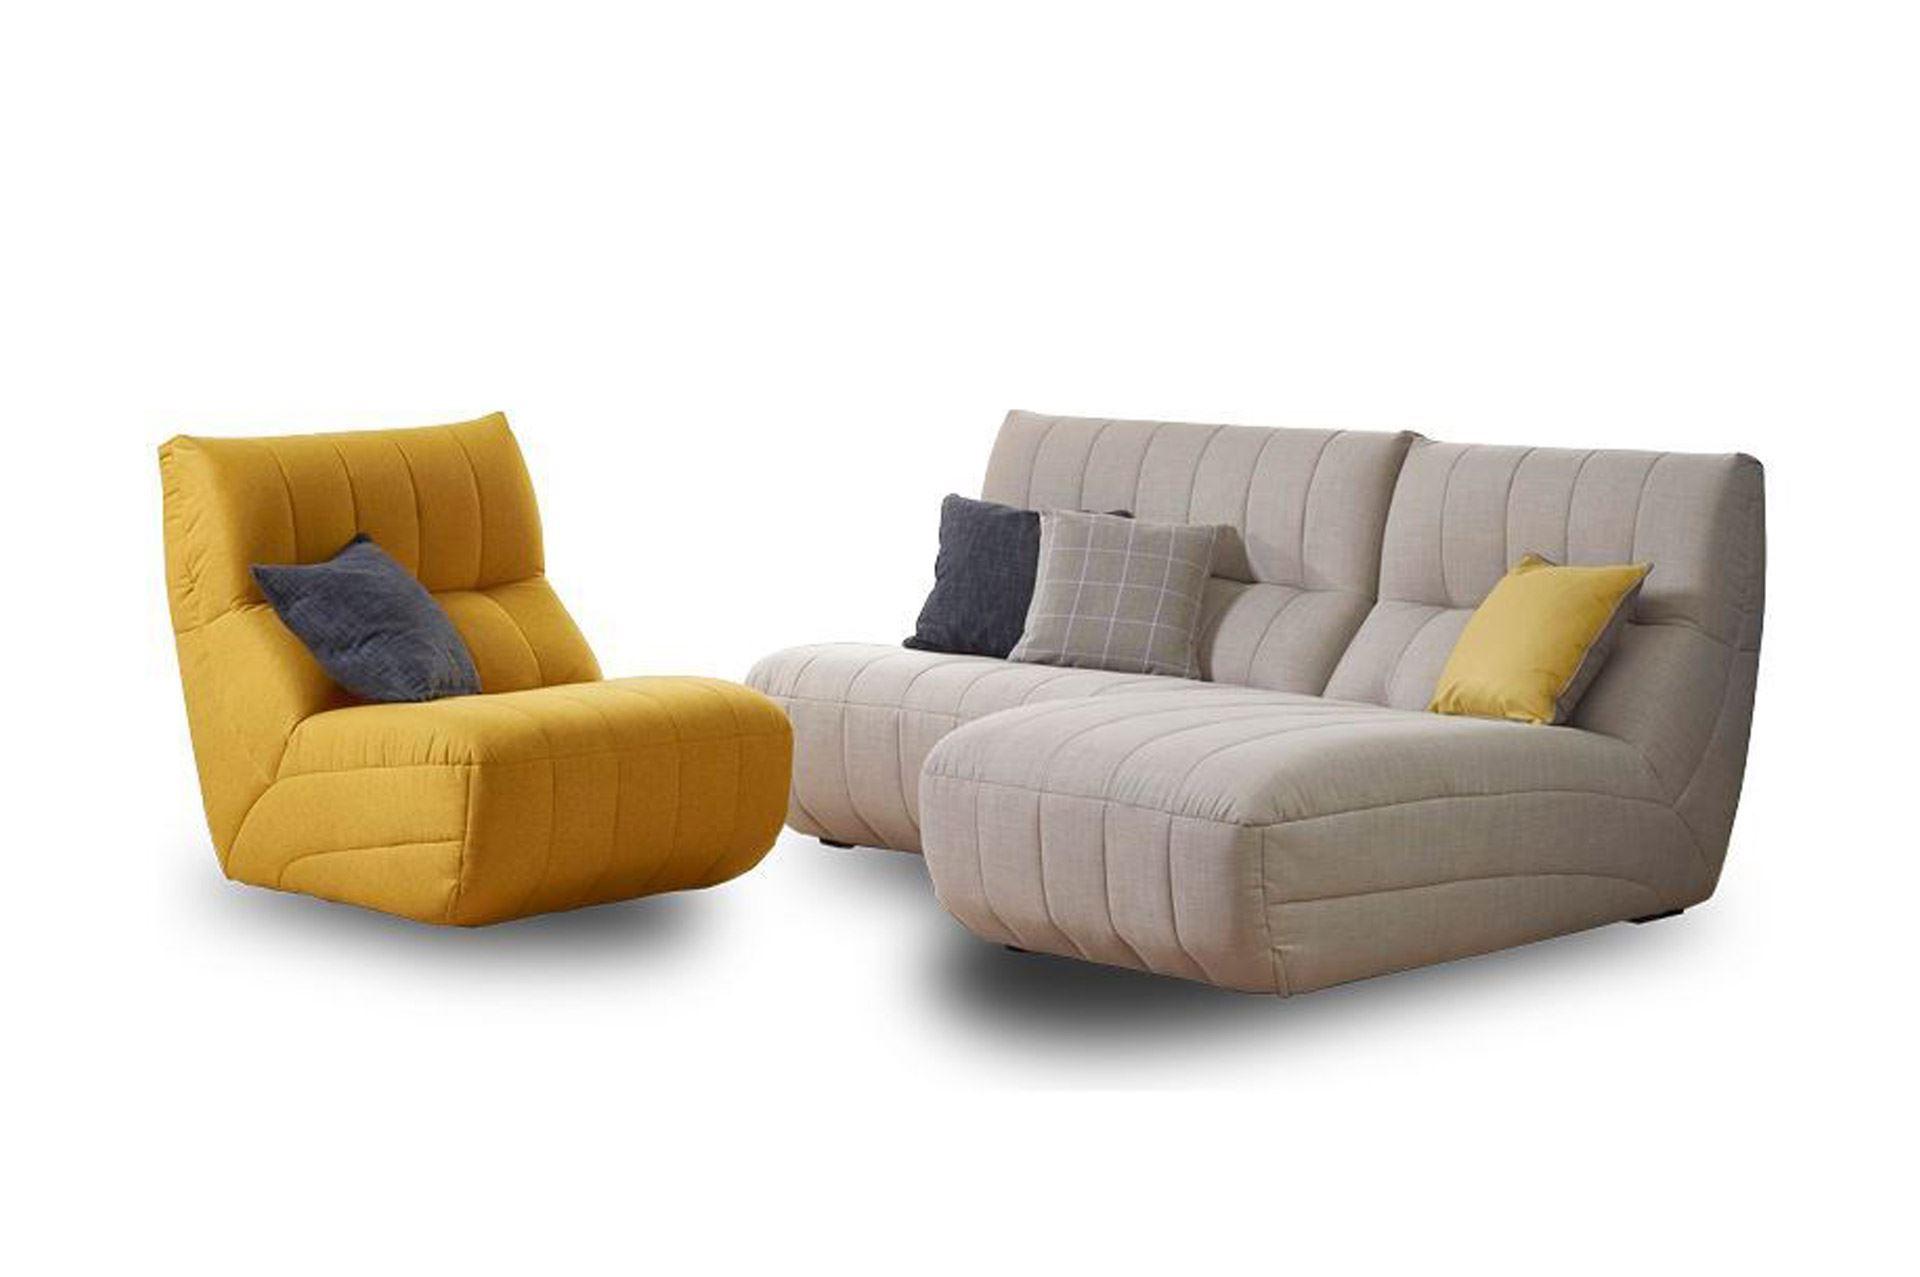 cali modular sofa set WUCRFCK